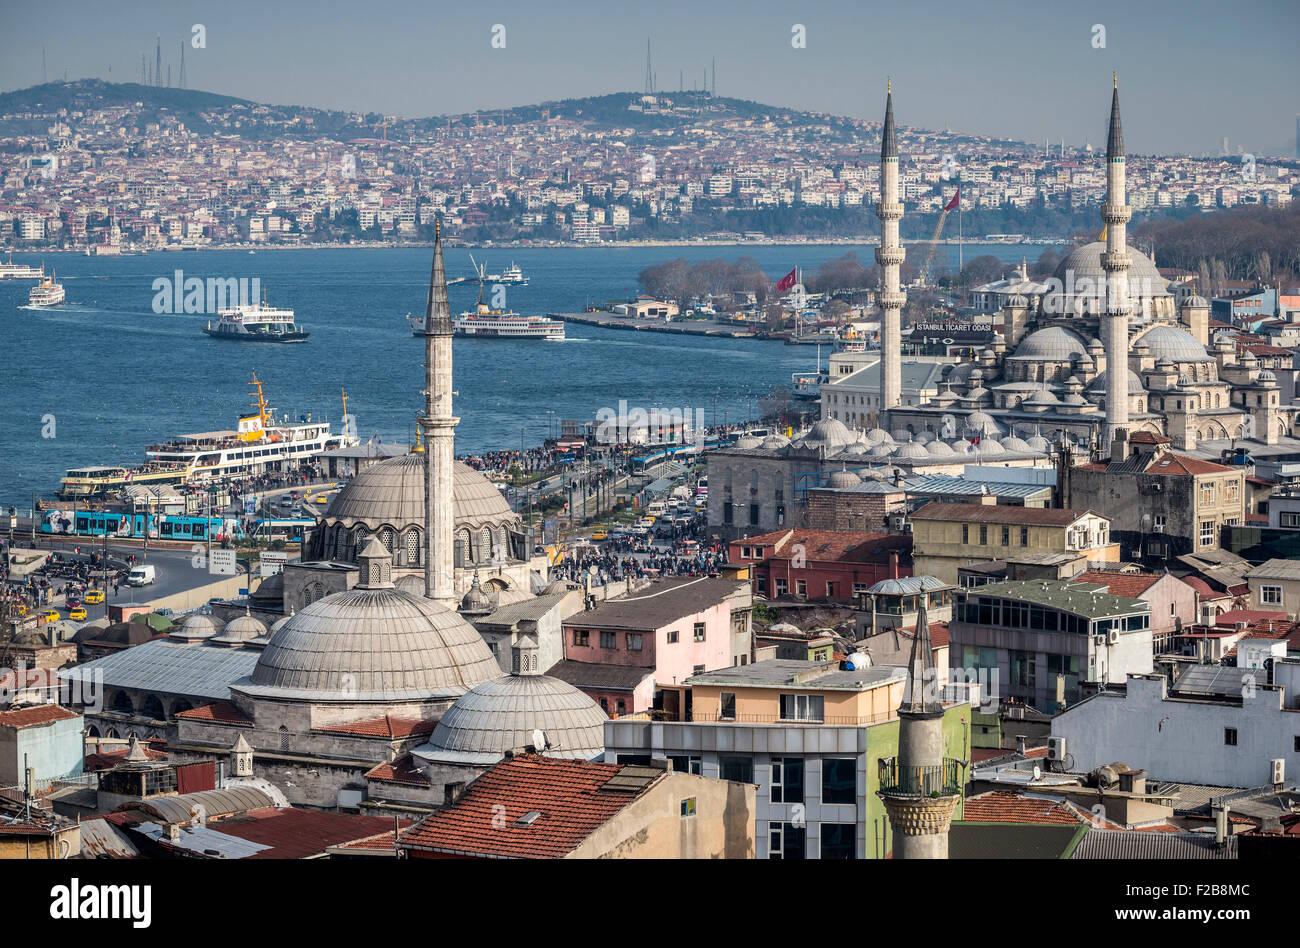 La ciudad de Estambul, el Bósforo, los buques que navegan hacia el lado Aisian, rustem Pasha y Yeni mezquitas Imagen De Stock